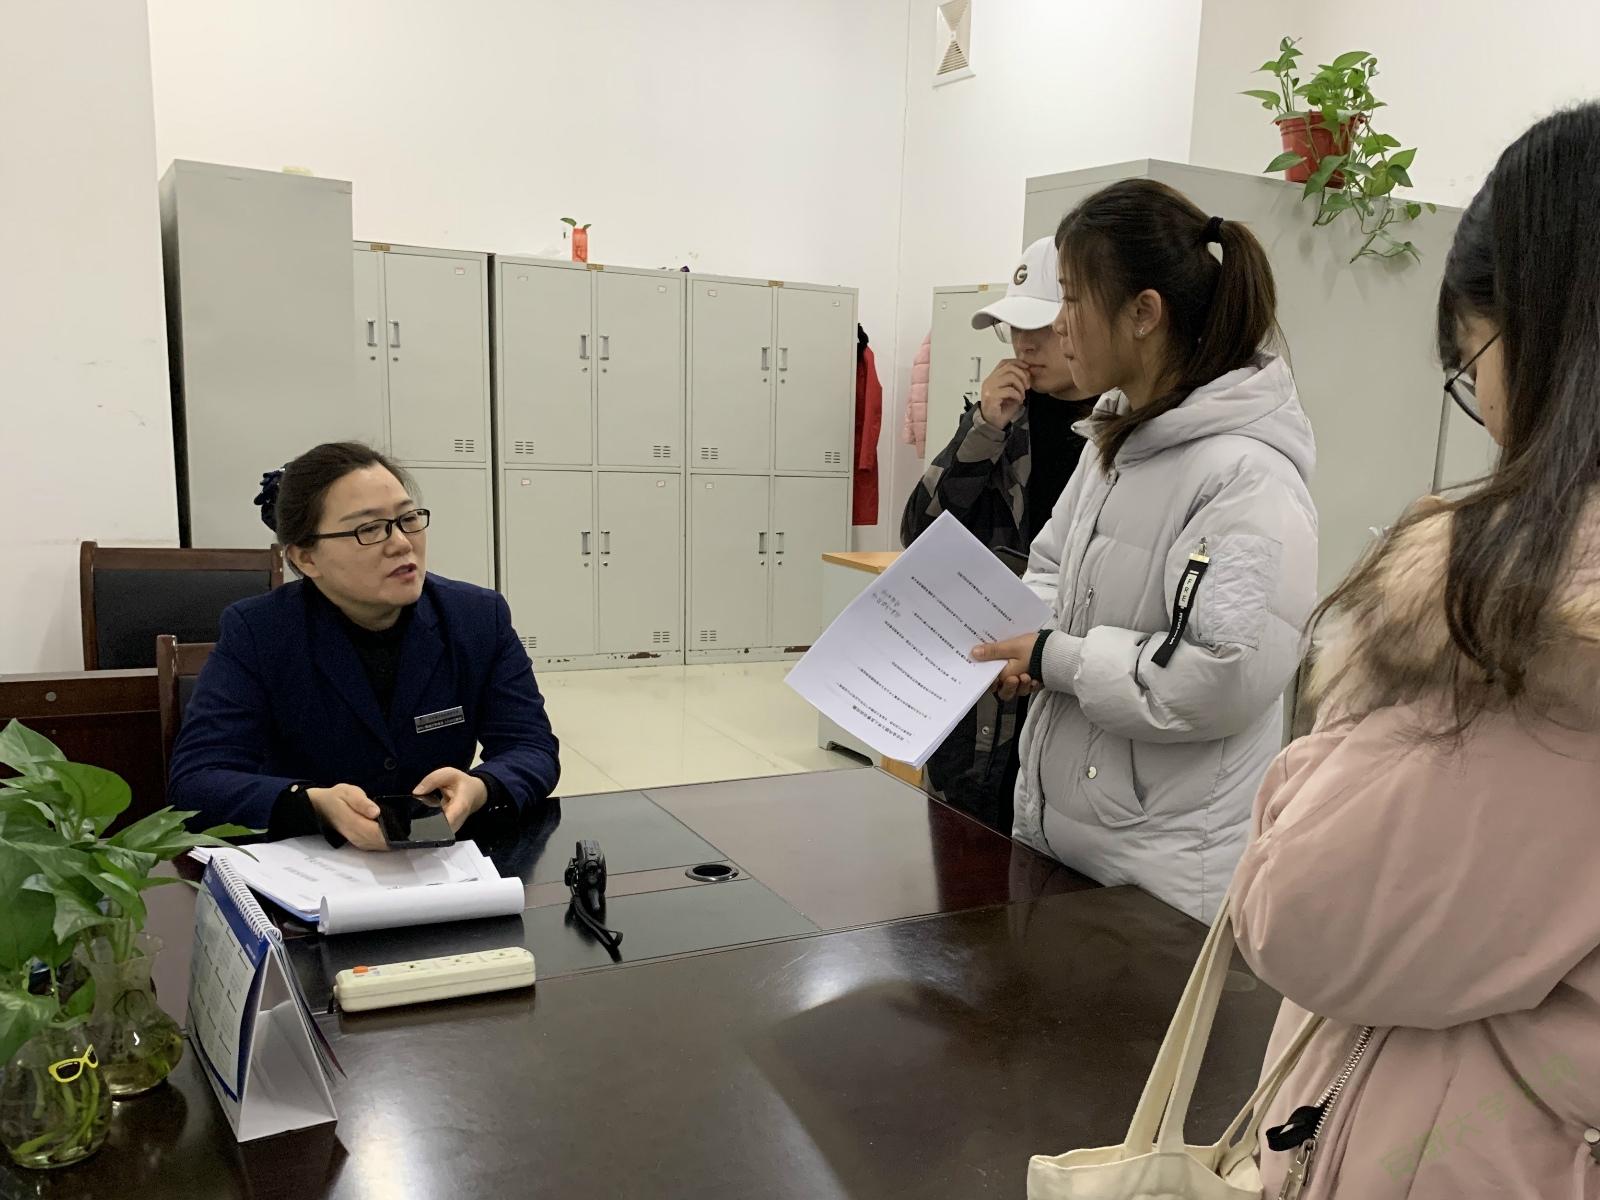 蚌埠文旅 创意实践——安财学子调研文旅融合背景下人才与产业的发展趋势